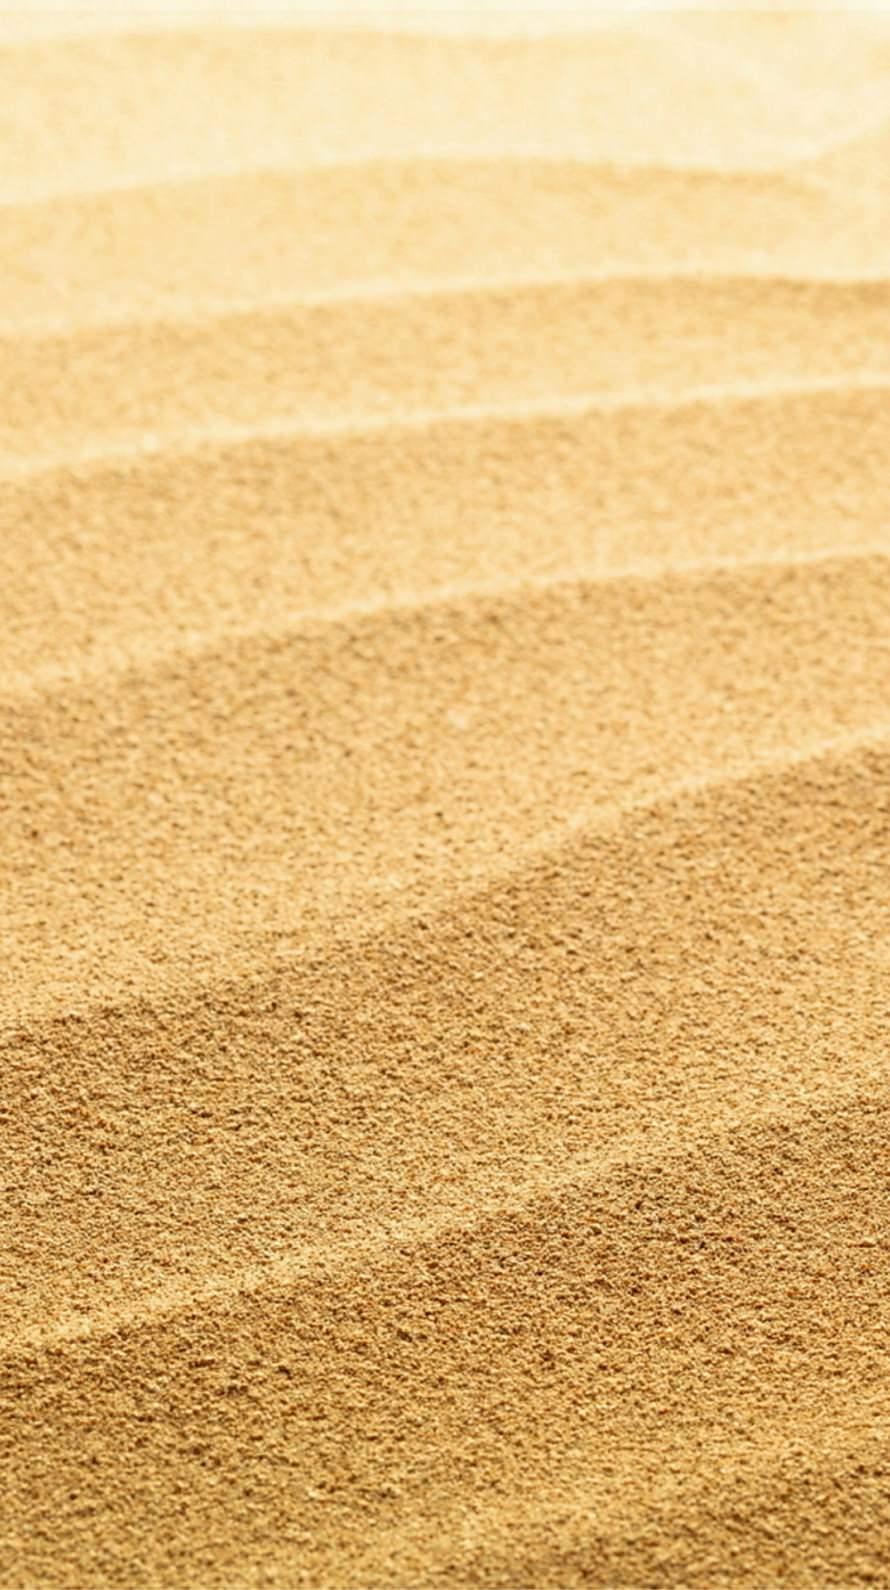 粒子の細かい砂 iPhone6壁紙